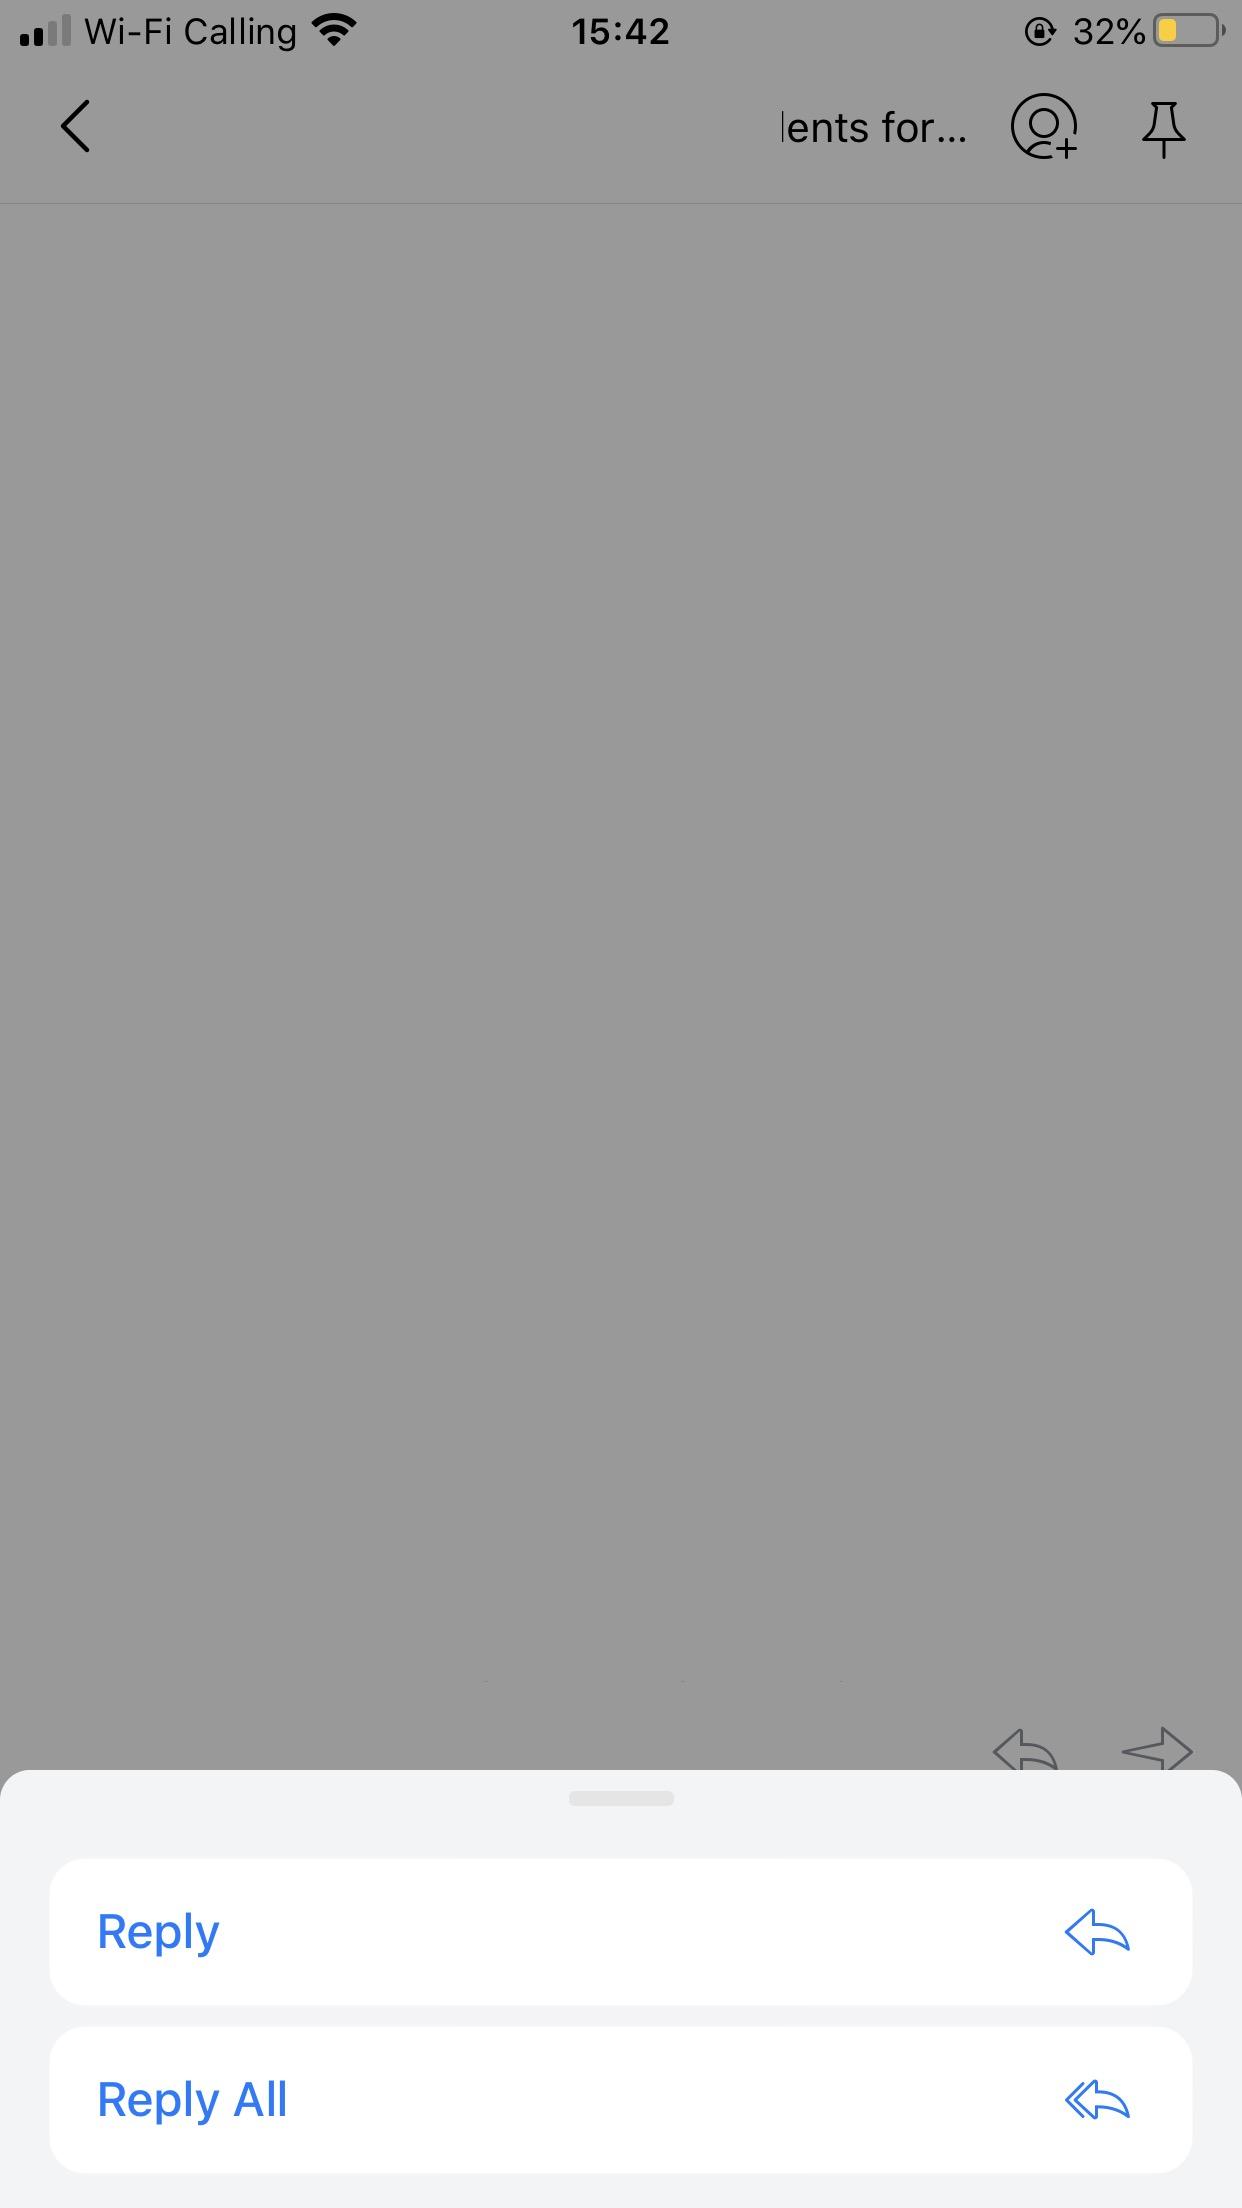 C4BF1748-AD2A-4CA4-86FF-8402112E3FA7